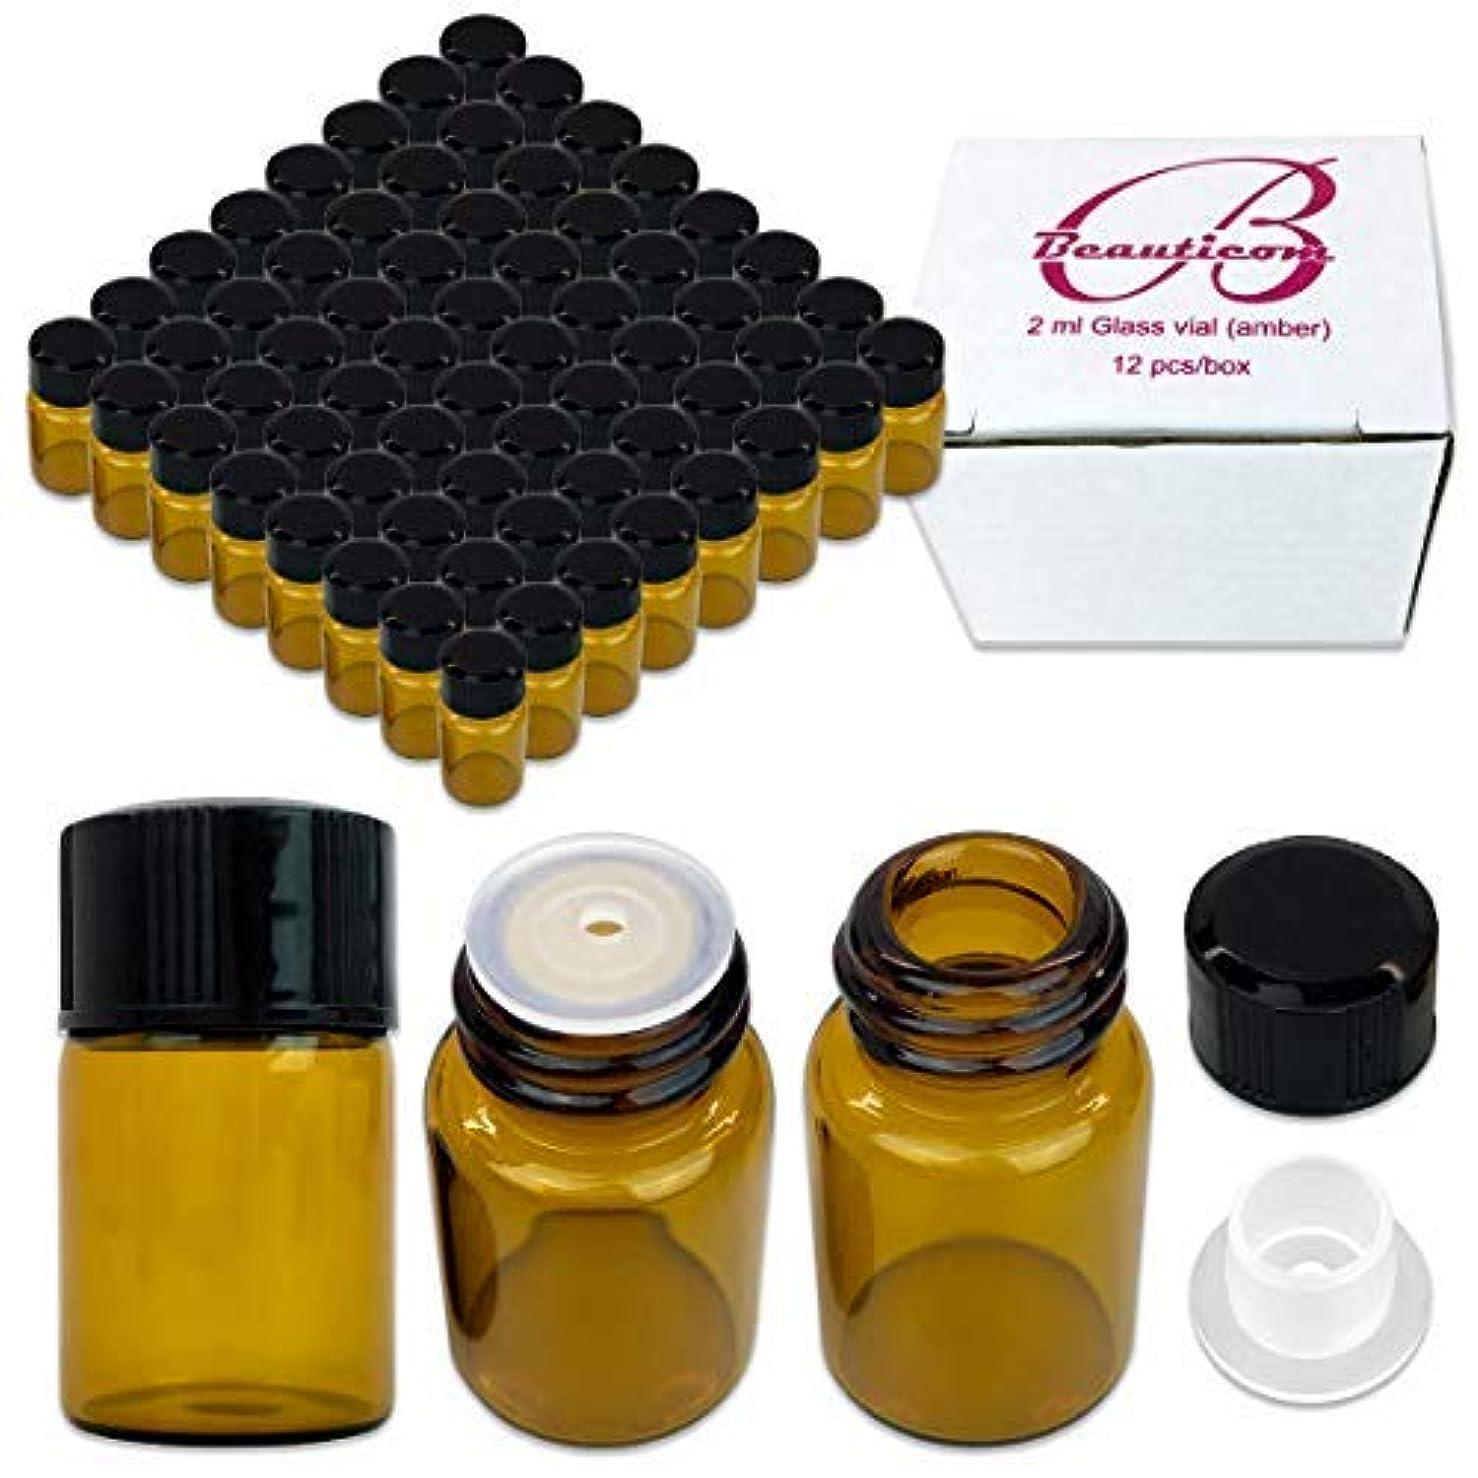 学んだバランス司教84 Packs Beauticom 2ML Amber Glass Vial for Essential Oils, Aromatherapy, Fragrance, Serums, Spritzes, with Orifice Reducer and Dropper Top [並行輸入品]